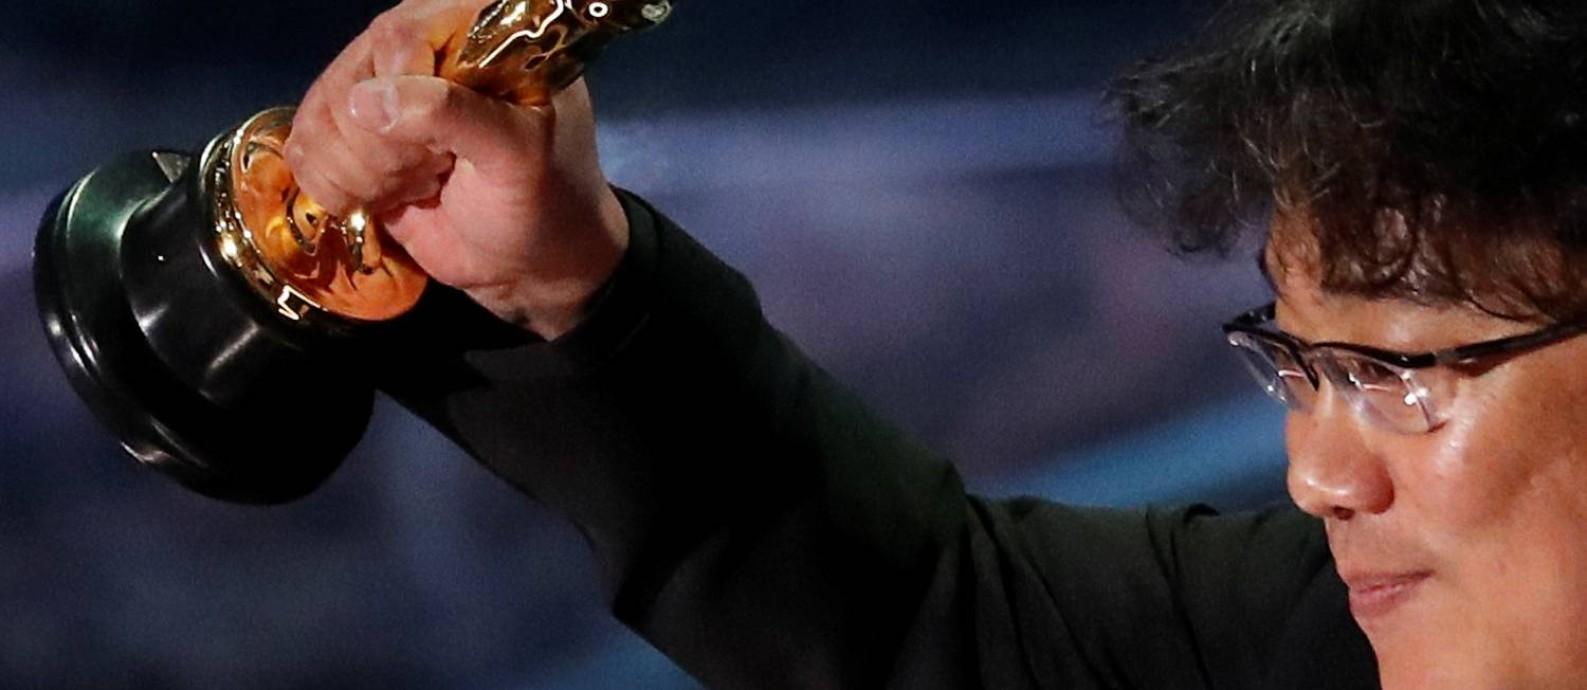 Oscar 2020: 'Parasita', de Bong Joon-ho, fez história e levou o prêmio de melhor filme Foto: MARIO ANZUONI / REUTERS